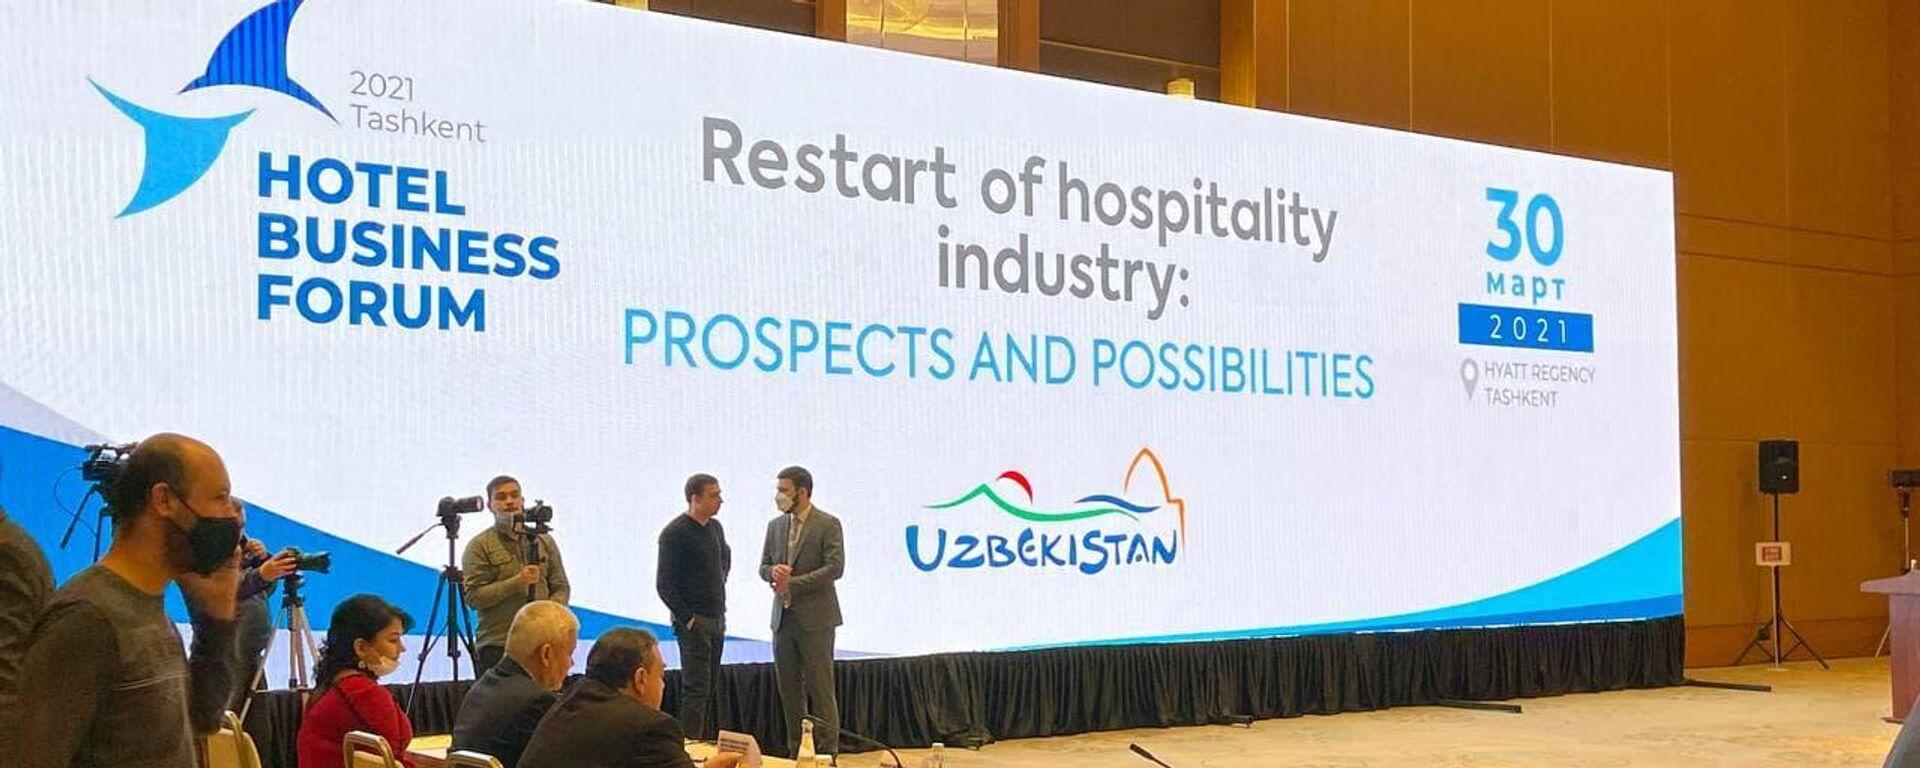 В Ташкенте начался Хотел бизнес форум  - Sputnik Узбекистан, 1920, 30.03.2021